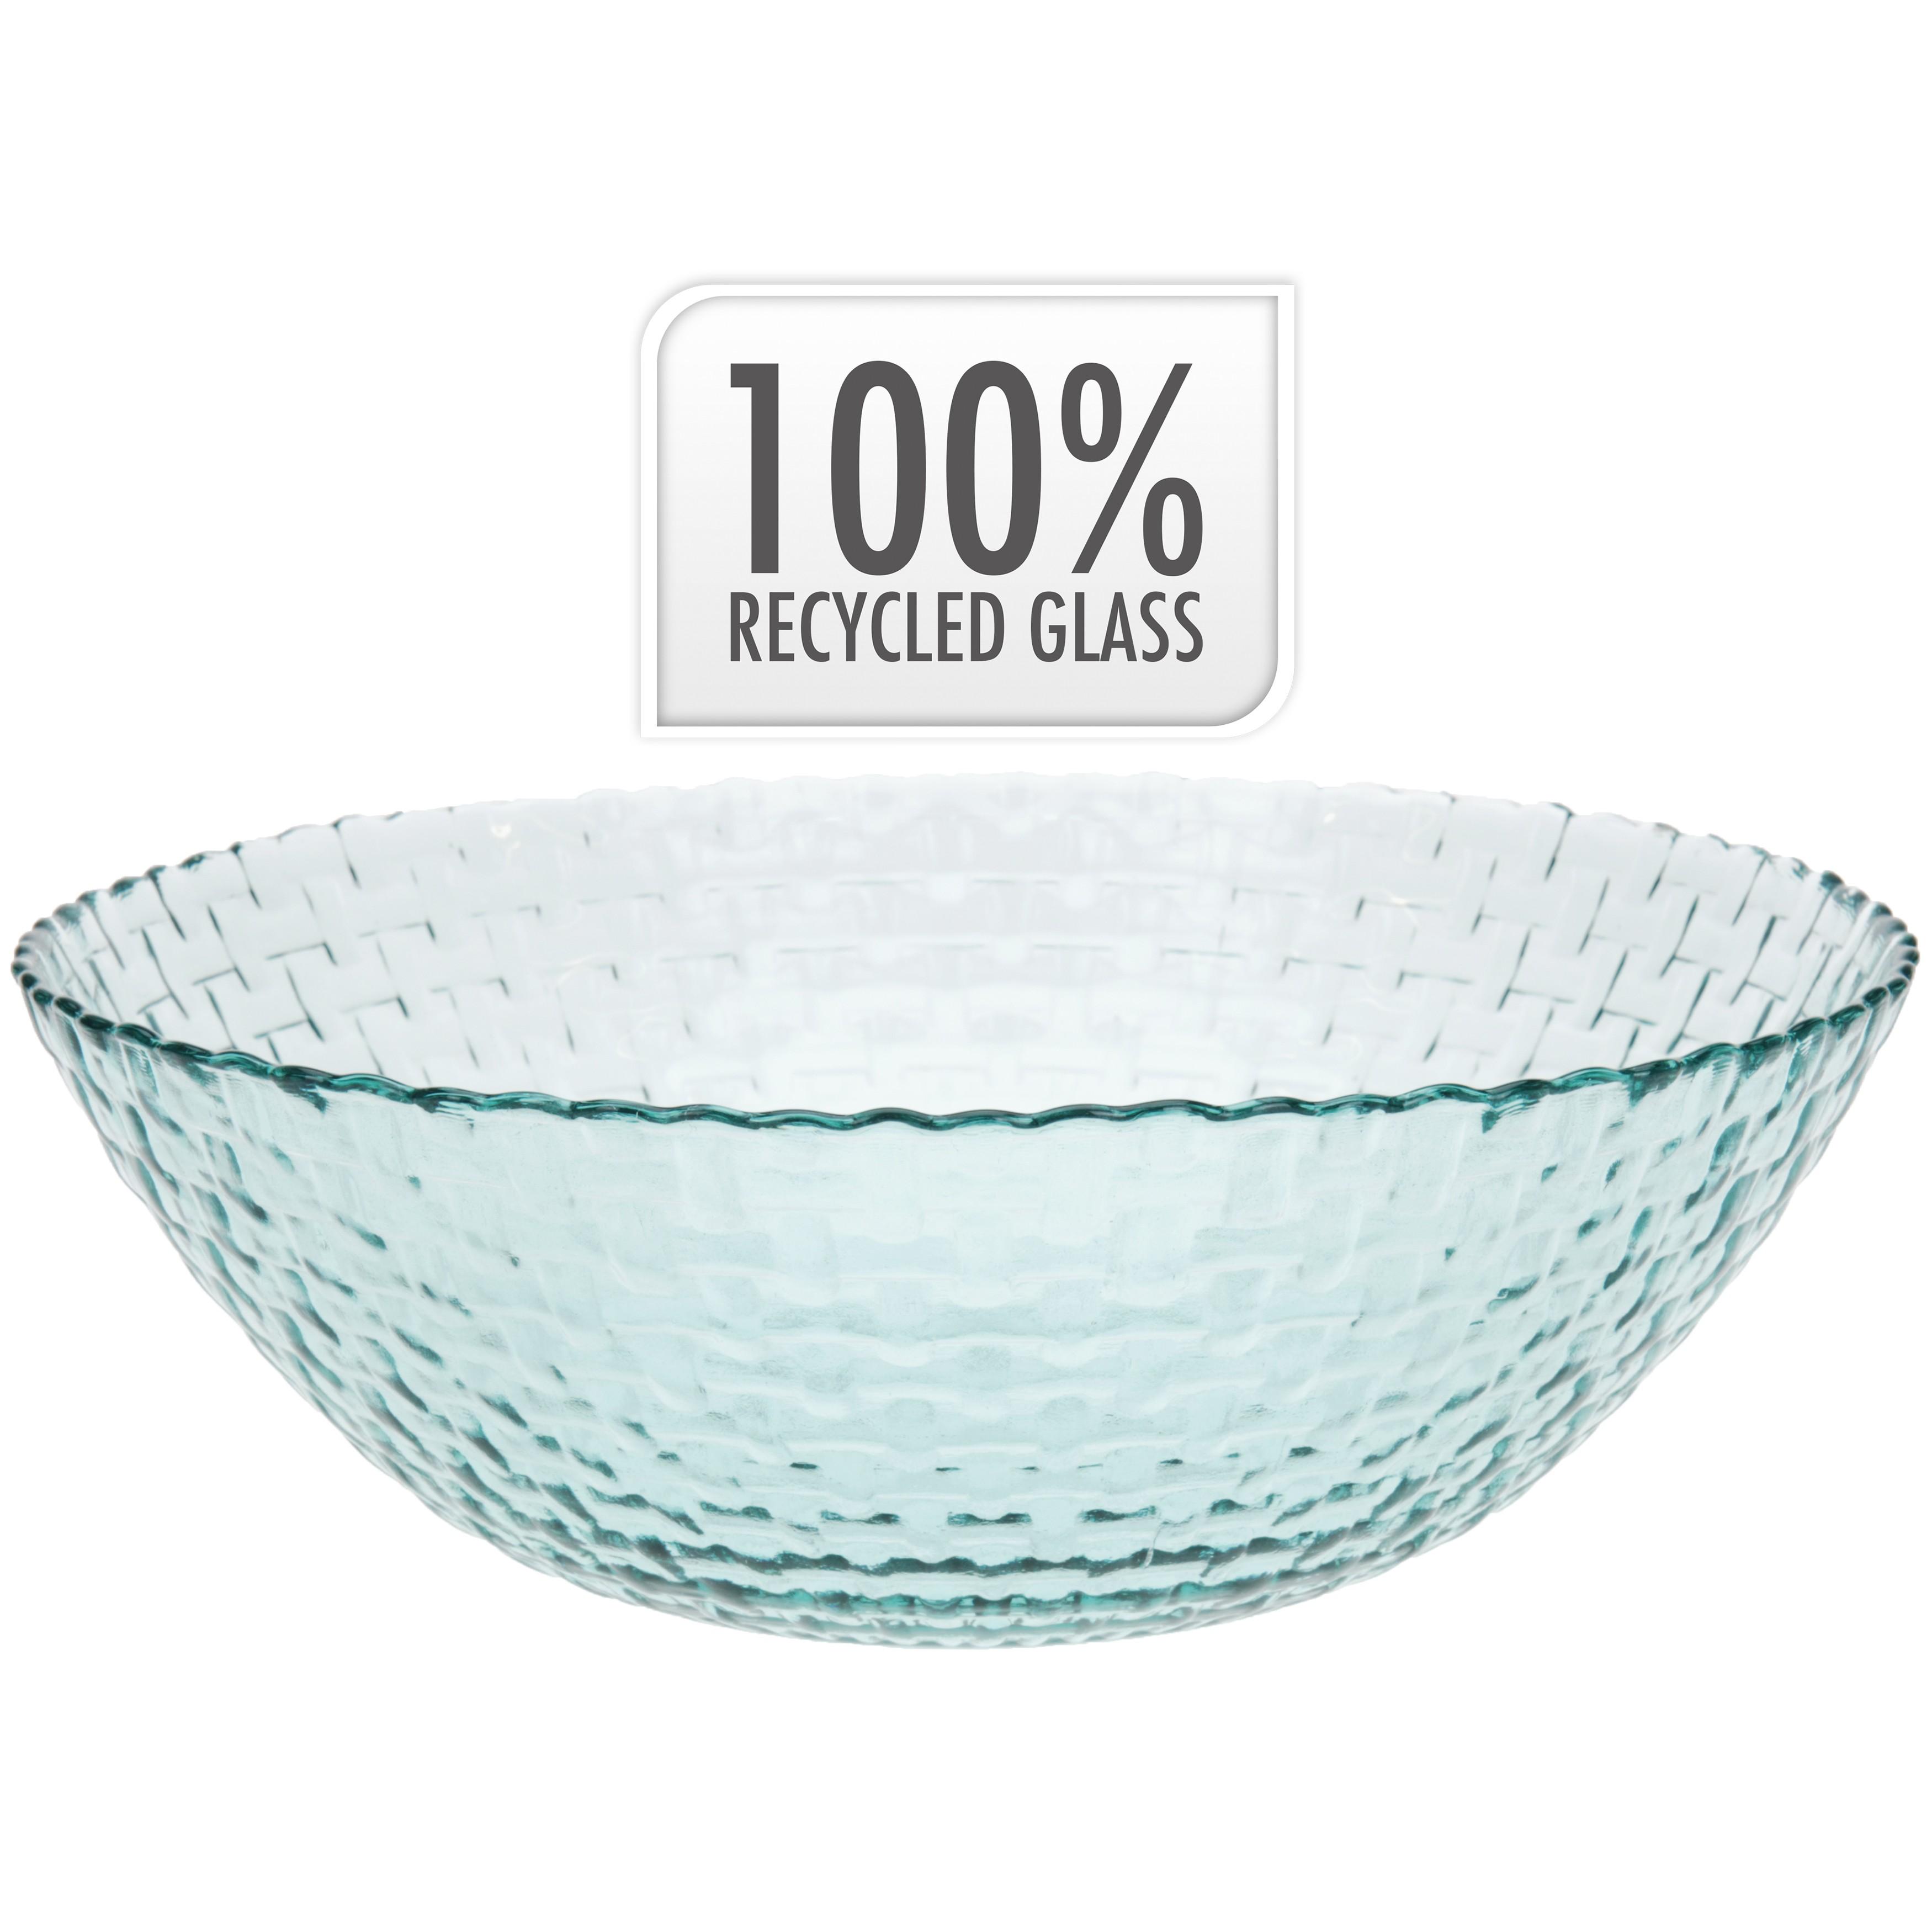 МискаExcellent Houseware производит посуду и предметы домашнего обихода. Миска - необходимый предмет. Ее можно использовать в качестве тарелки, декоративного блюда, подставки под фрукты и овощи.<br>